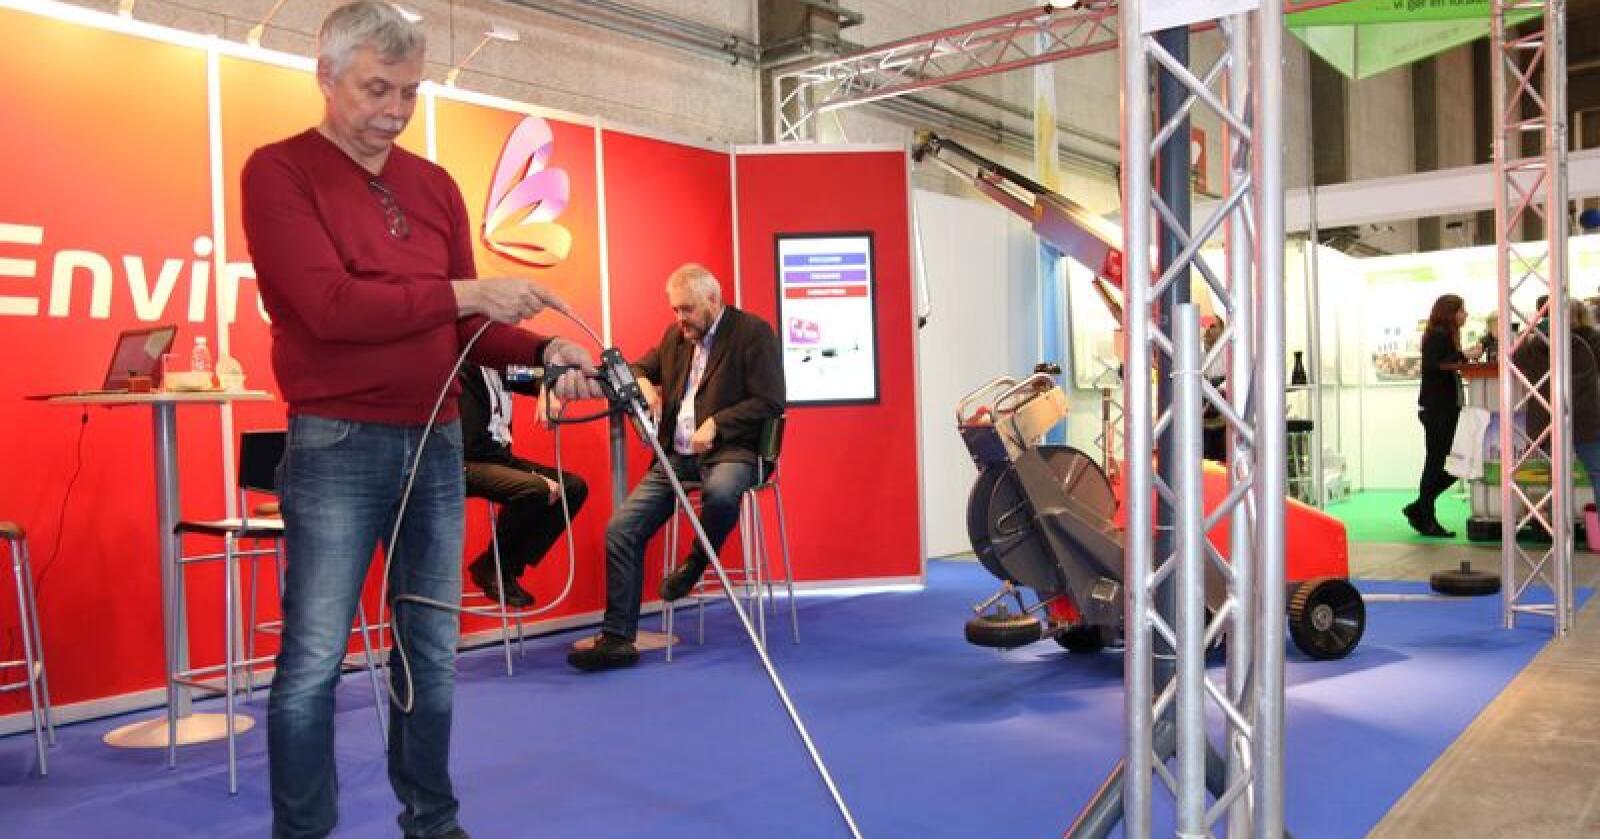 Jan Sandberg viser Envirologic sitt system får å vaske på steder man ellers ikke kommer til med høytrykksvaskeren. Foto: Dag Idar Jøsang